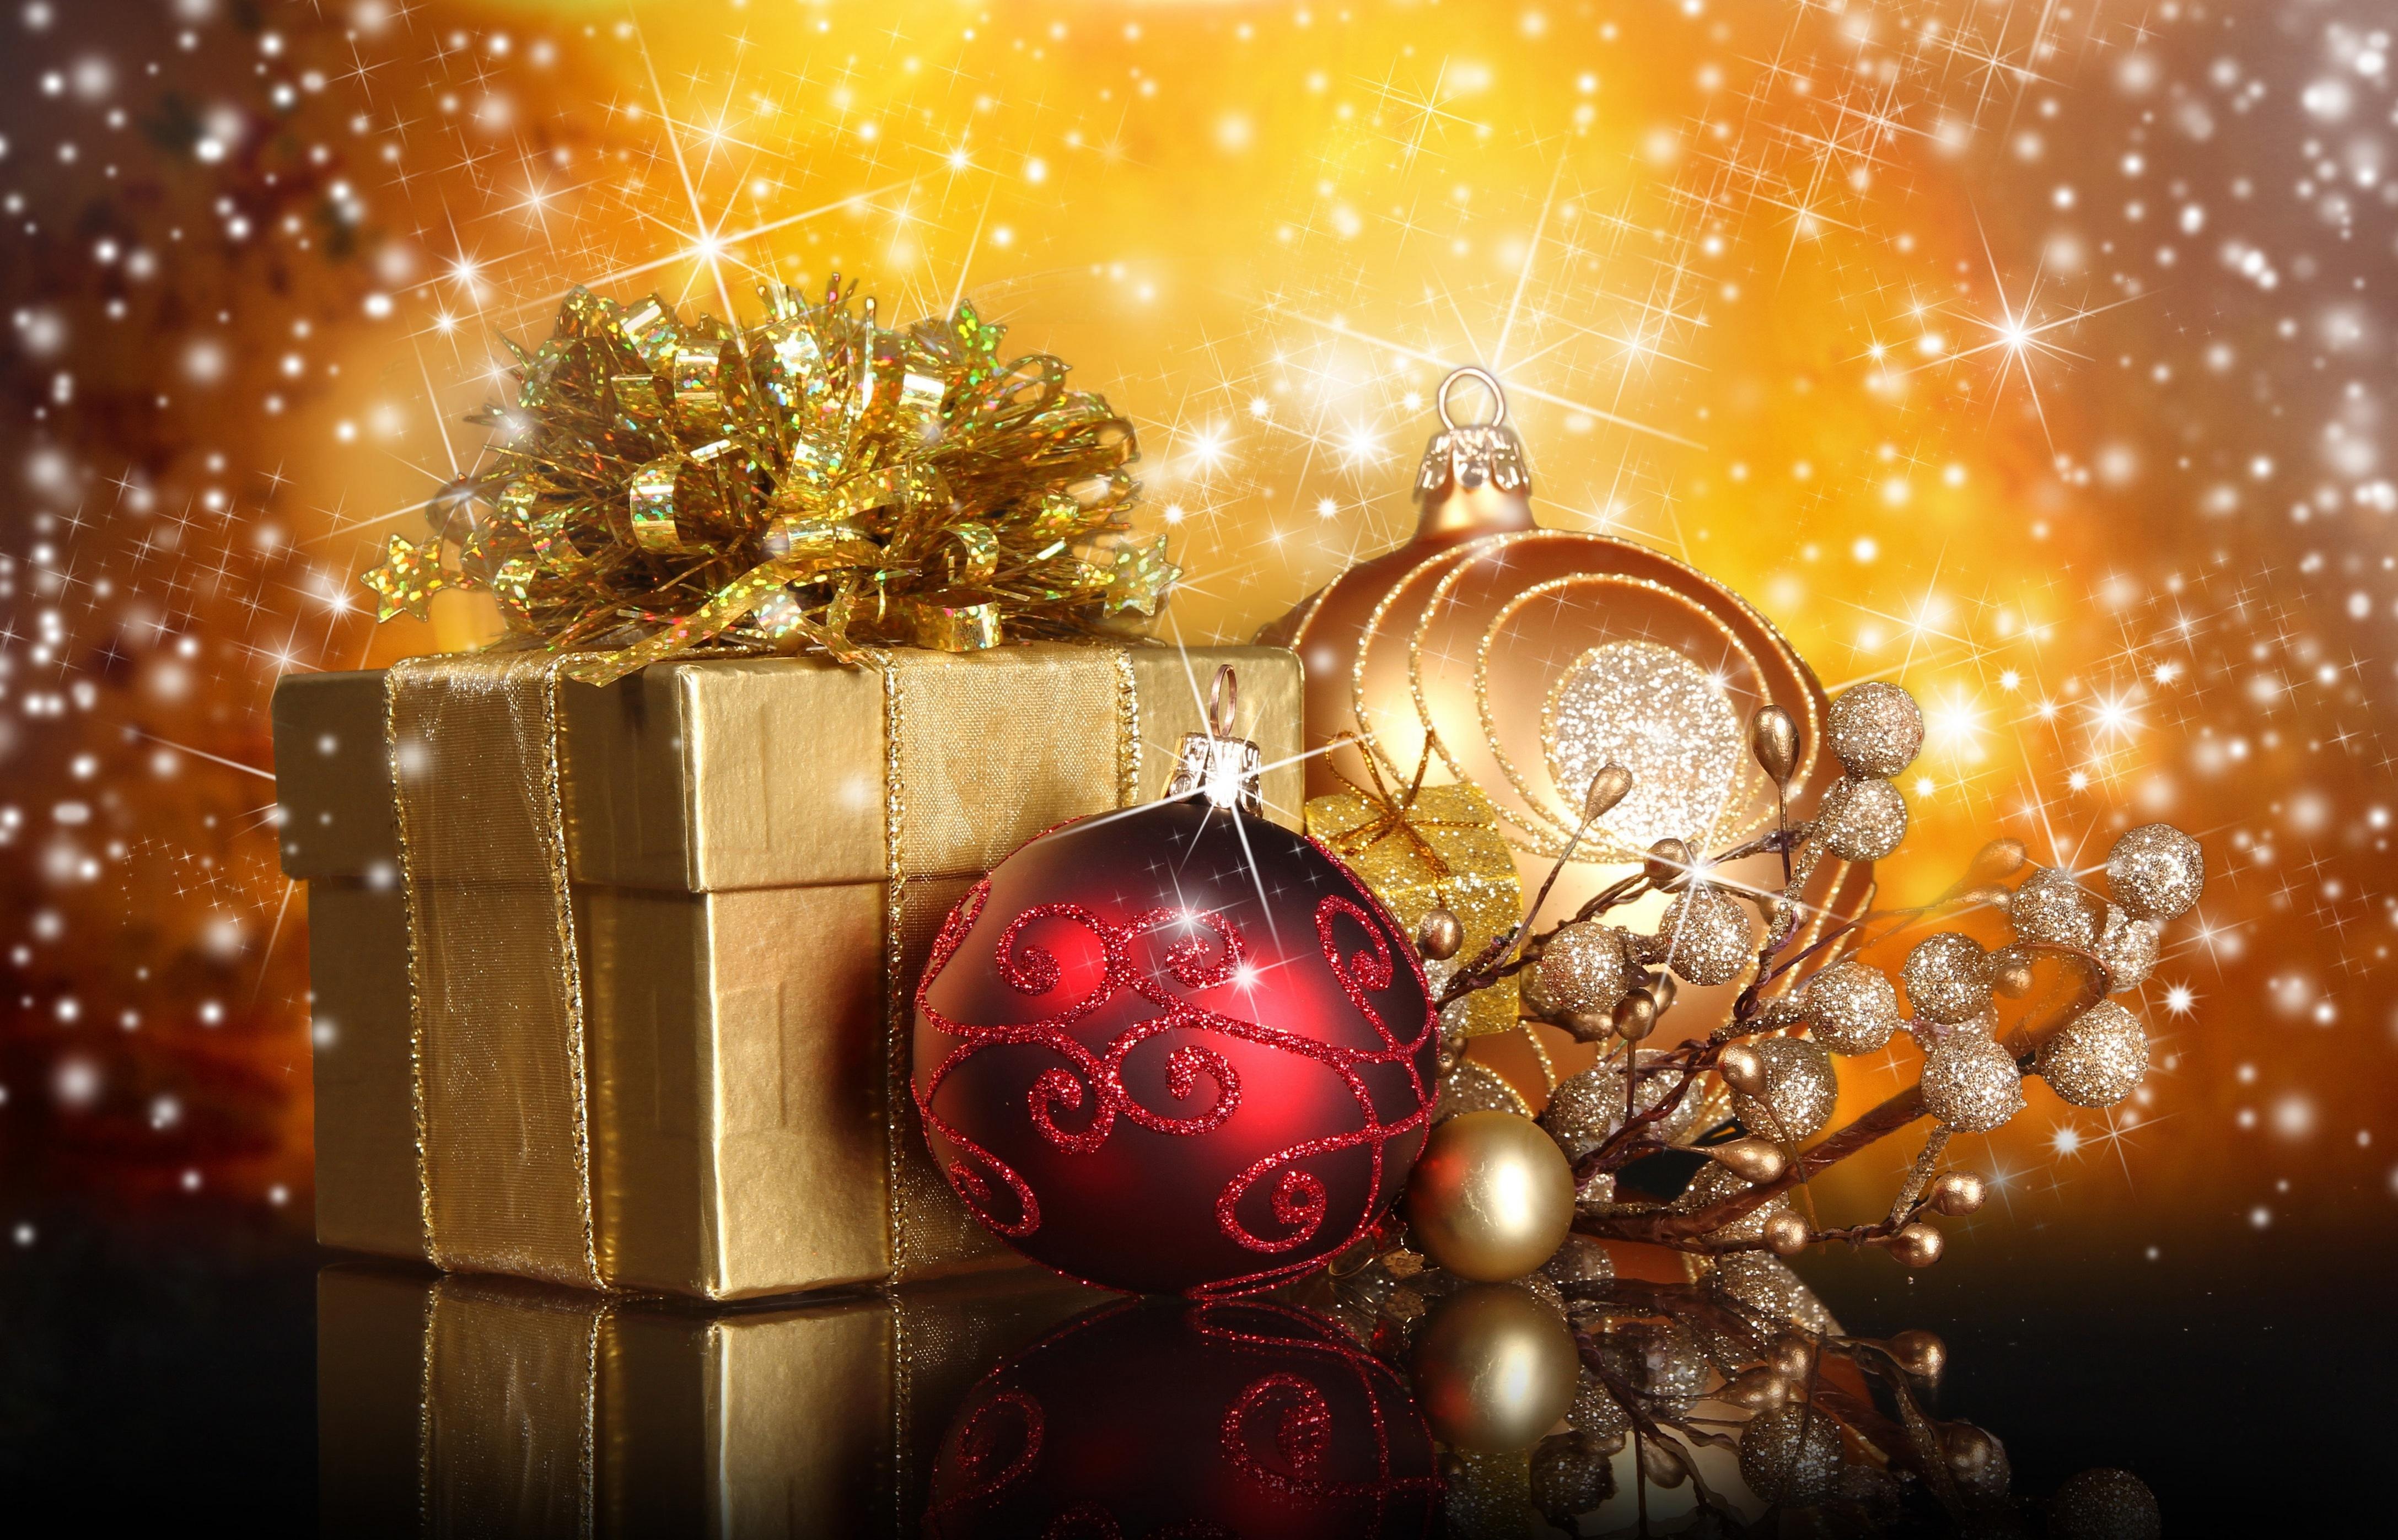 рождество новый год Christmas new year  № 2656684 бесплатно